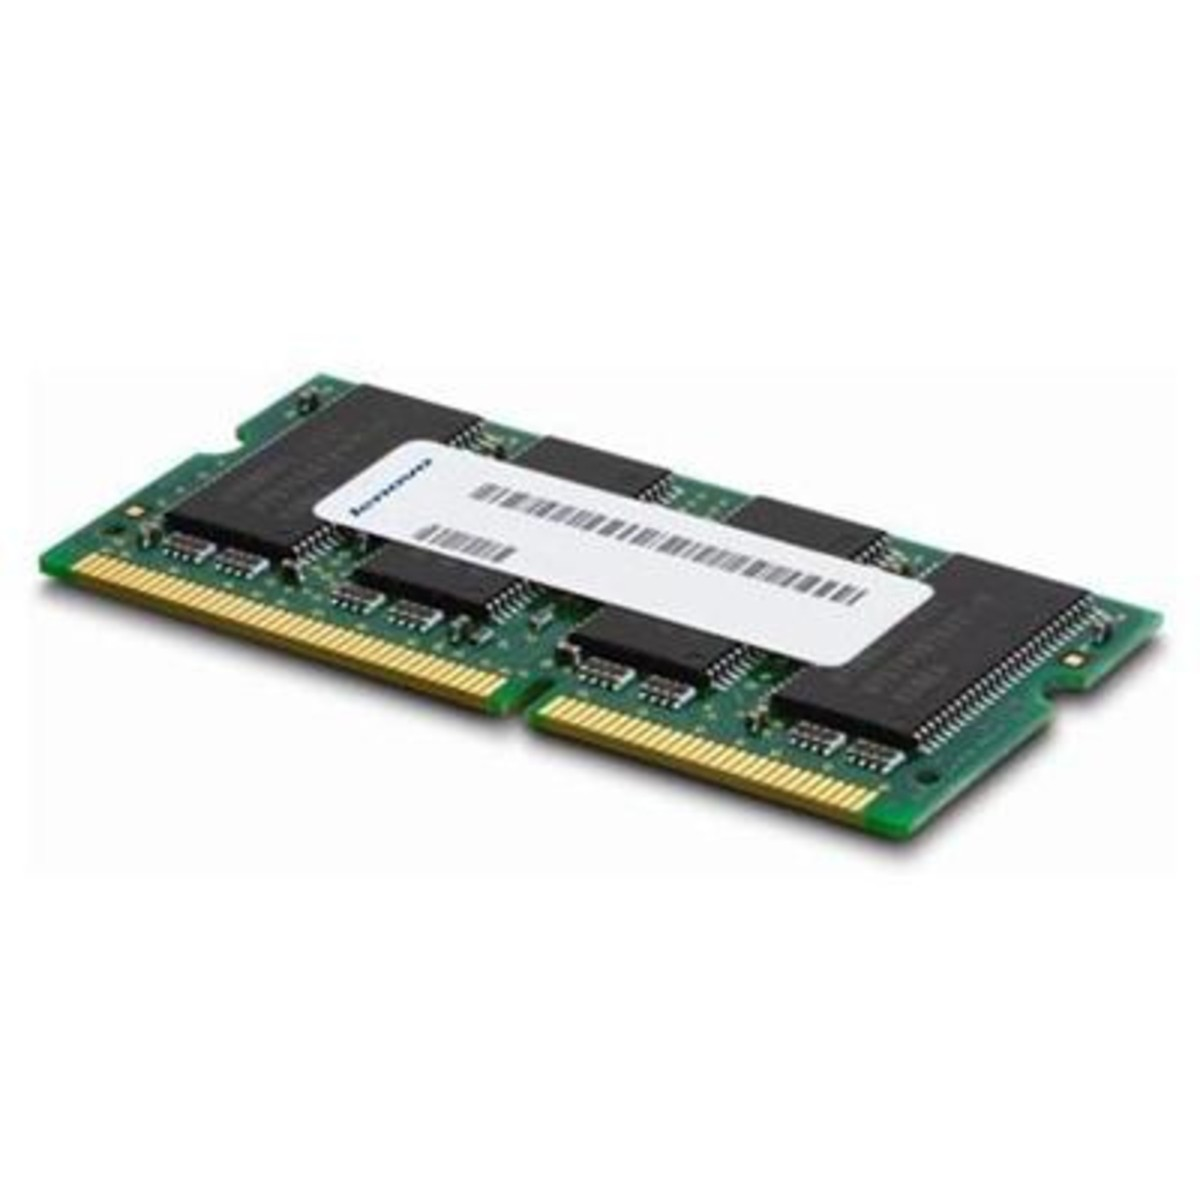 Lenovo 16GB DDR4 2133Mhz SoDIMM Memory